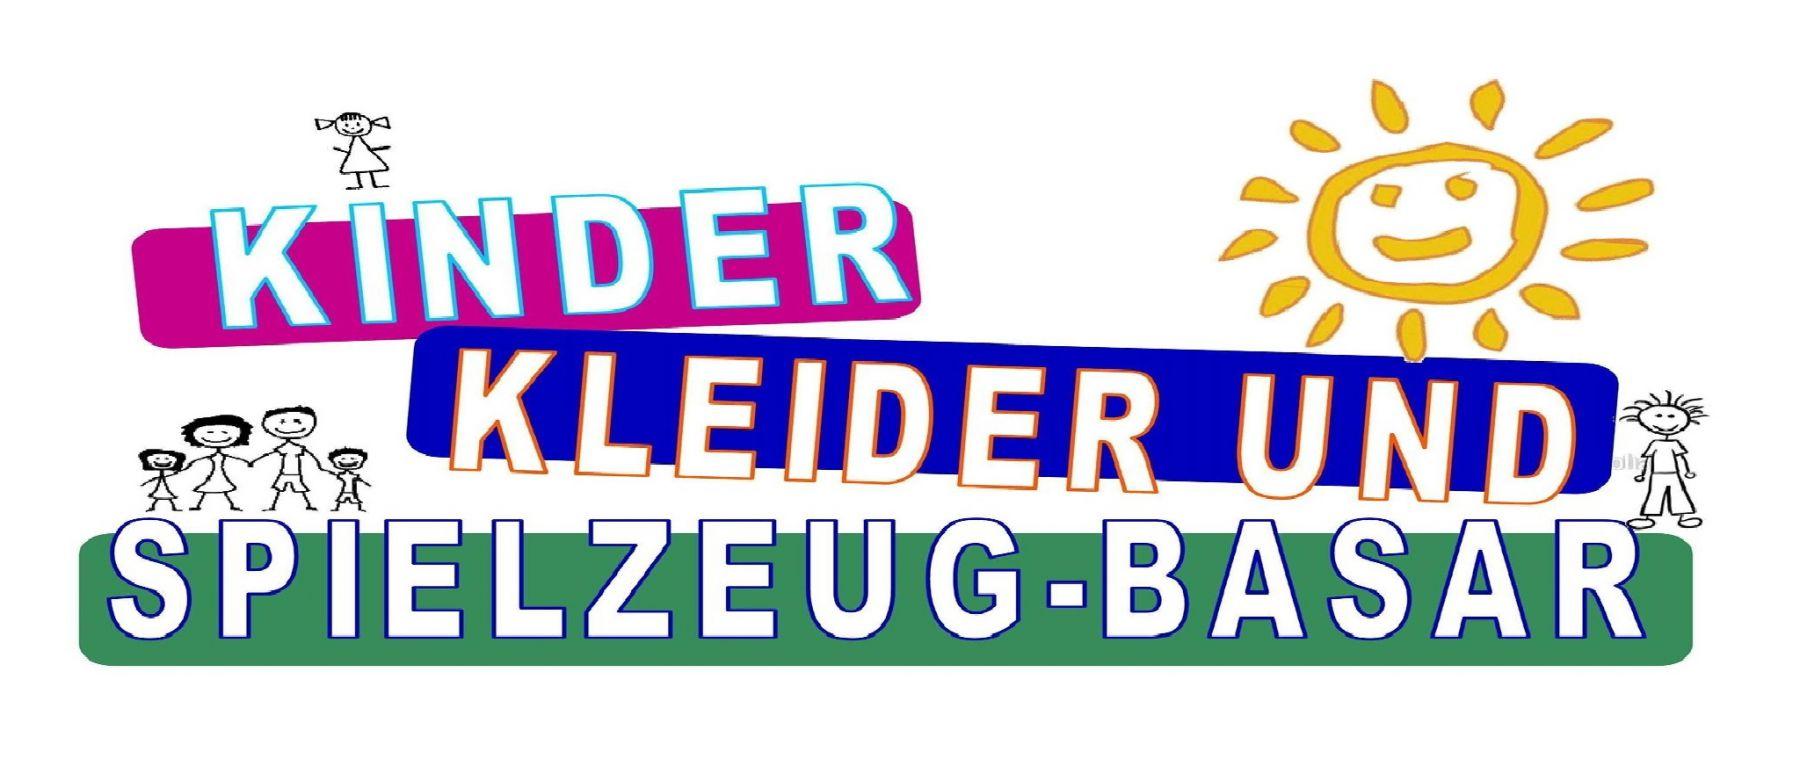 Tickets für 17. KINDERKLEIDER- UND SPIELZEUGBASAR am 06.11.2016 ...